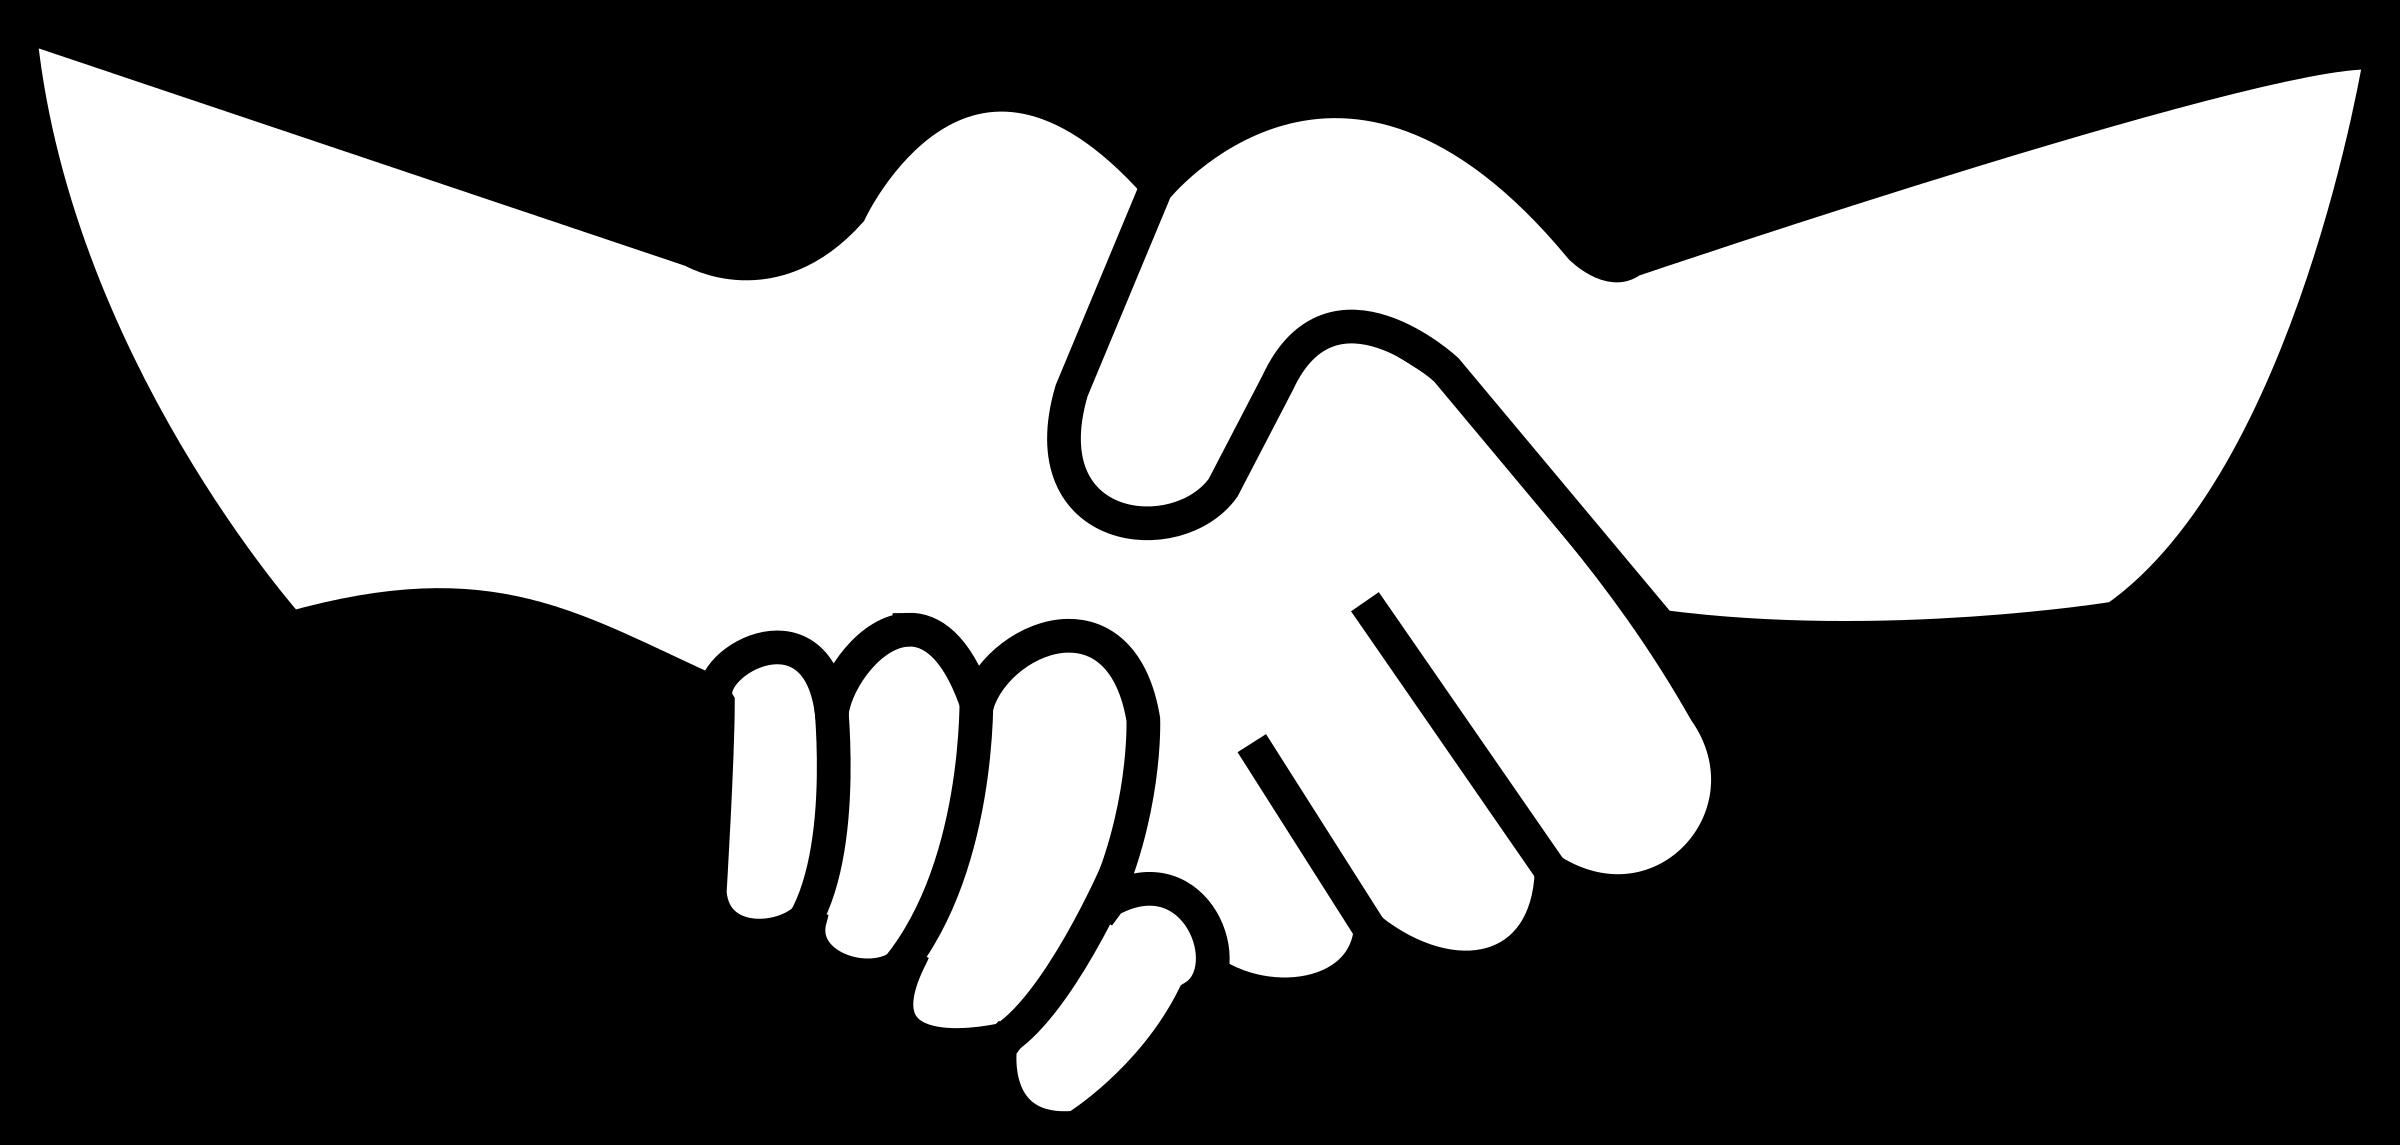 clipart handshake 02 clipart handshake partnership clipart hand shake photos freedownload